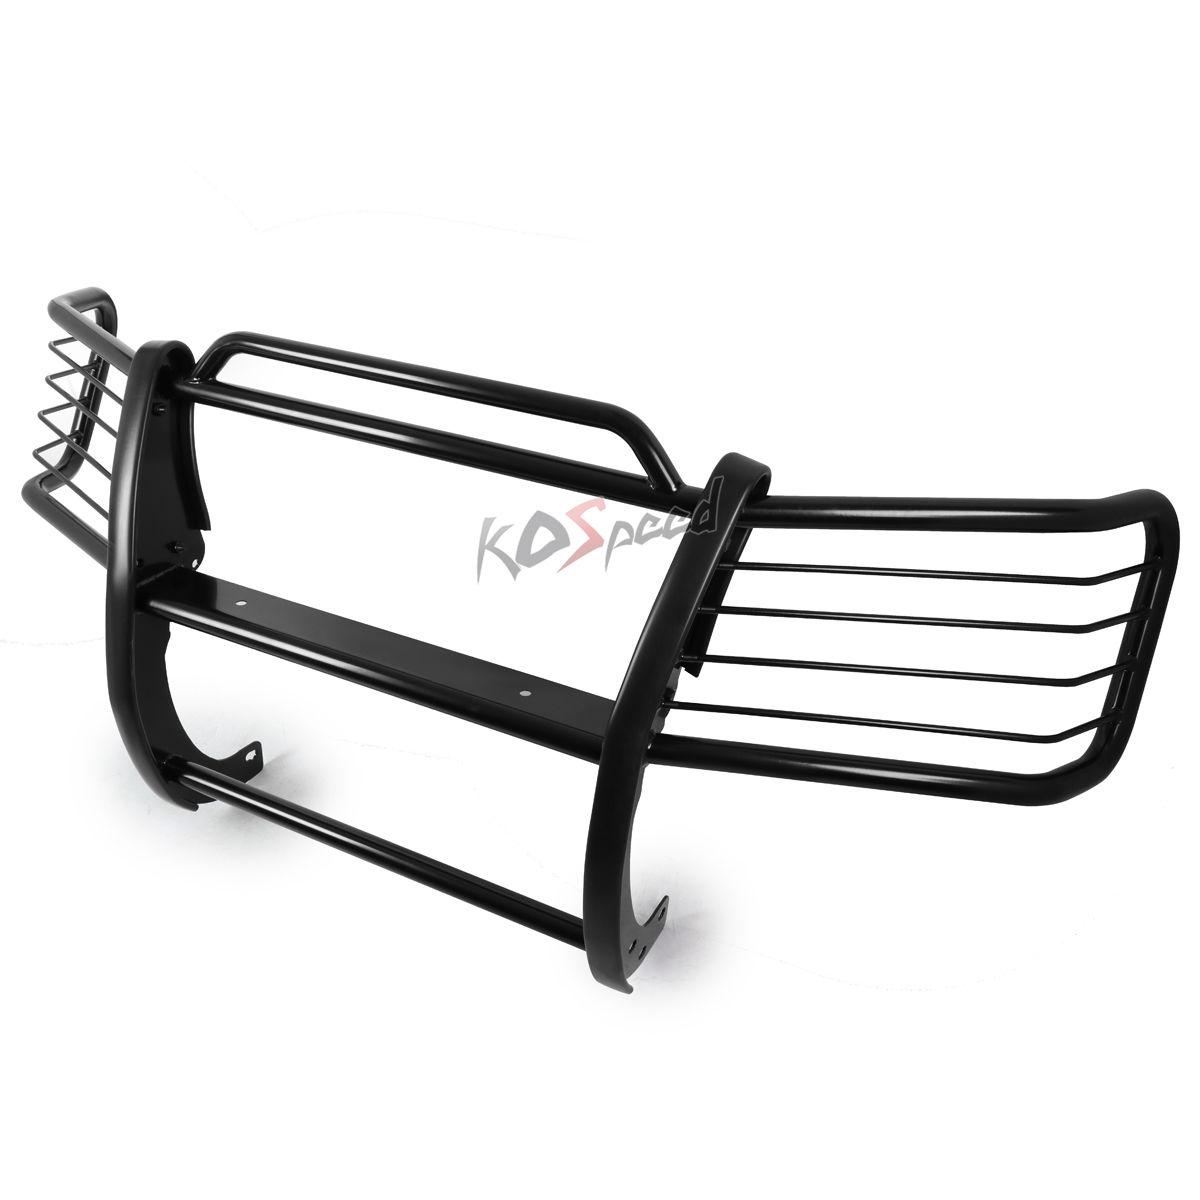 グリル 黒のマイルドなスチールブラシグリルガードフレームバー02-07ジープリバティーKJ SUV Black Mild Steel Brush Grille Guard Frame Bar for 02-07 Jeep Liberty KJ SUV